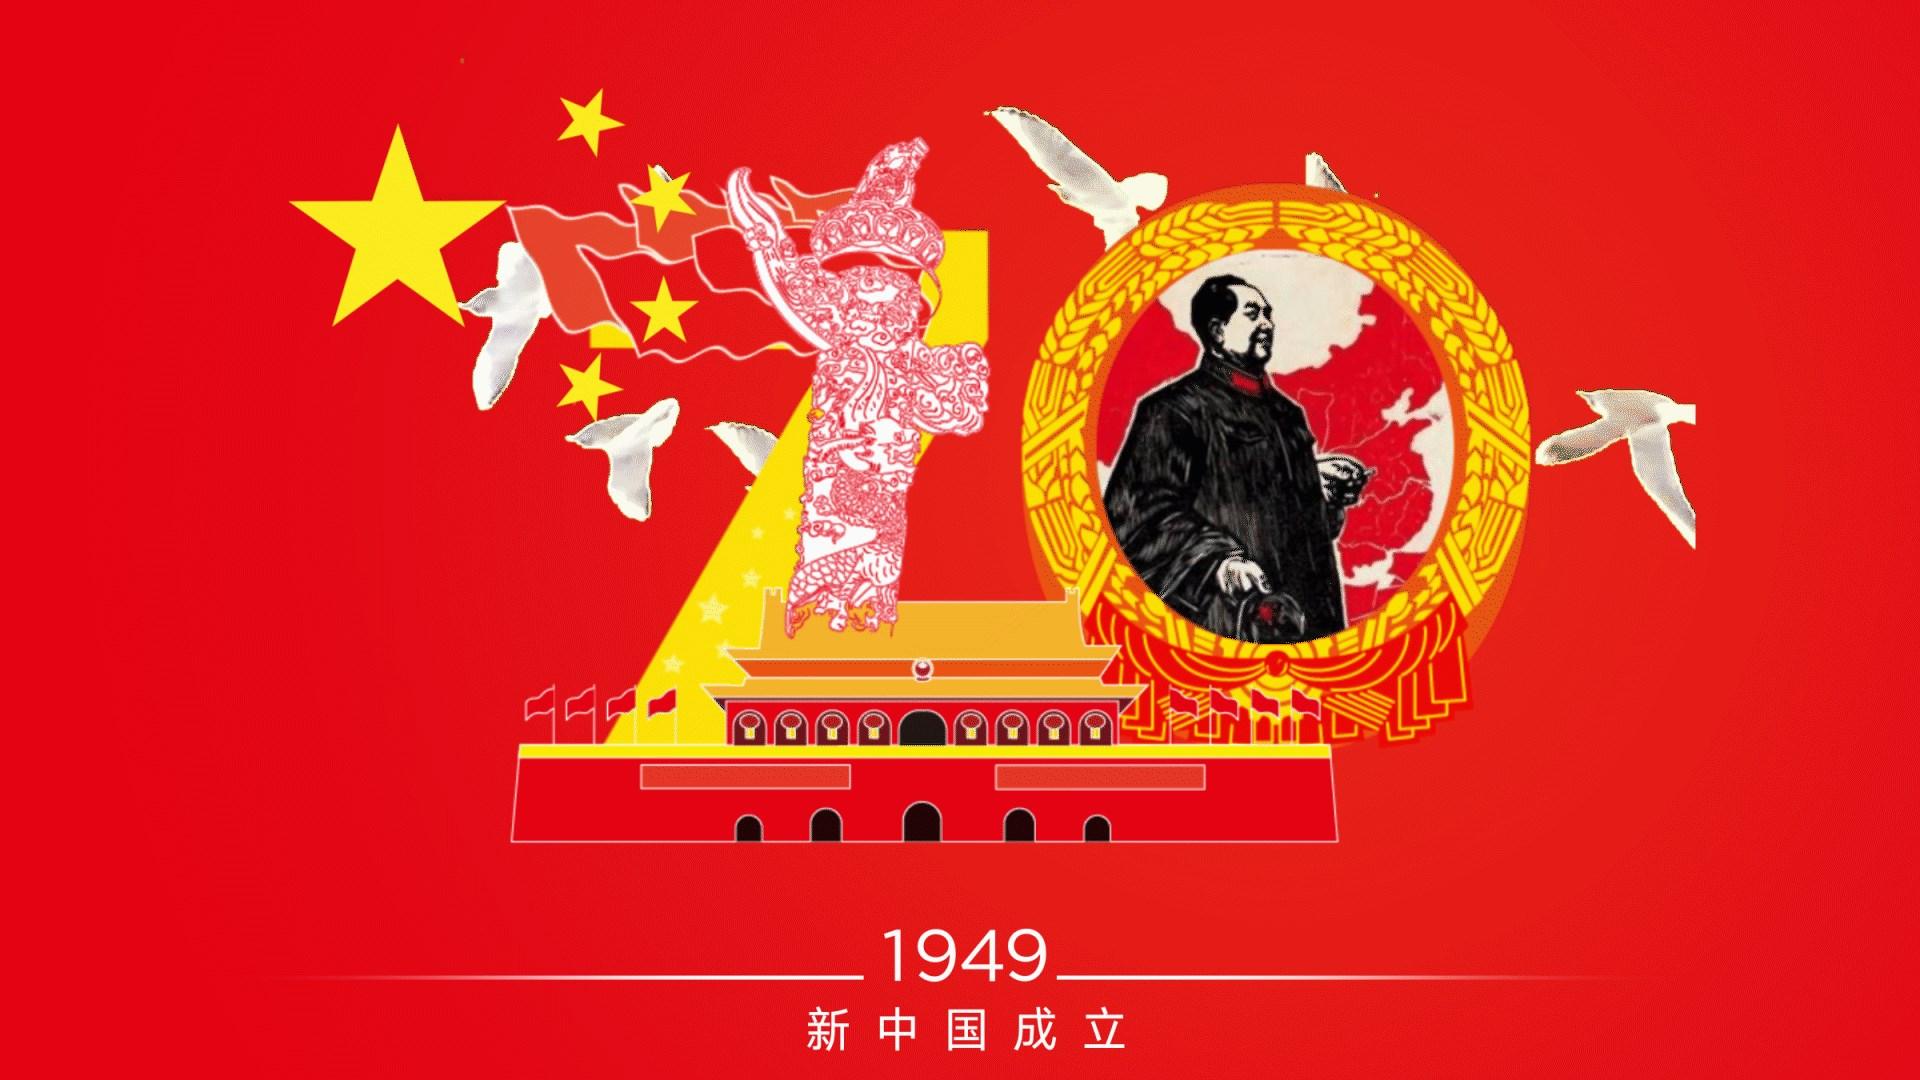 1949年 新中国成立.gif_snapshot_00.06_[2019.11.01_11.12.42]